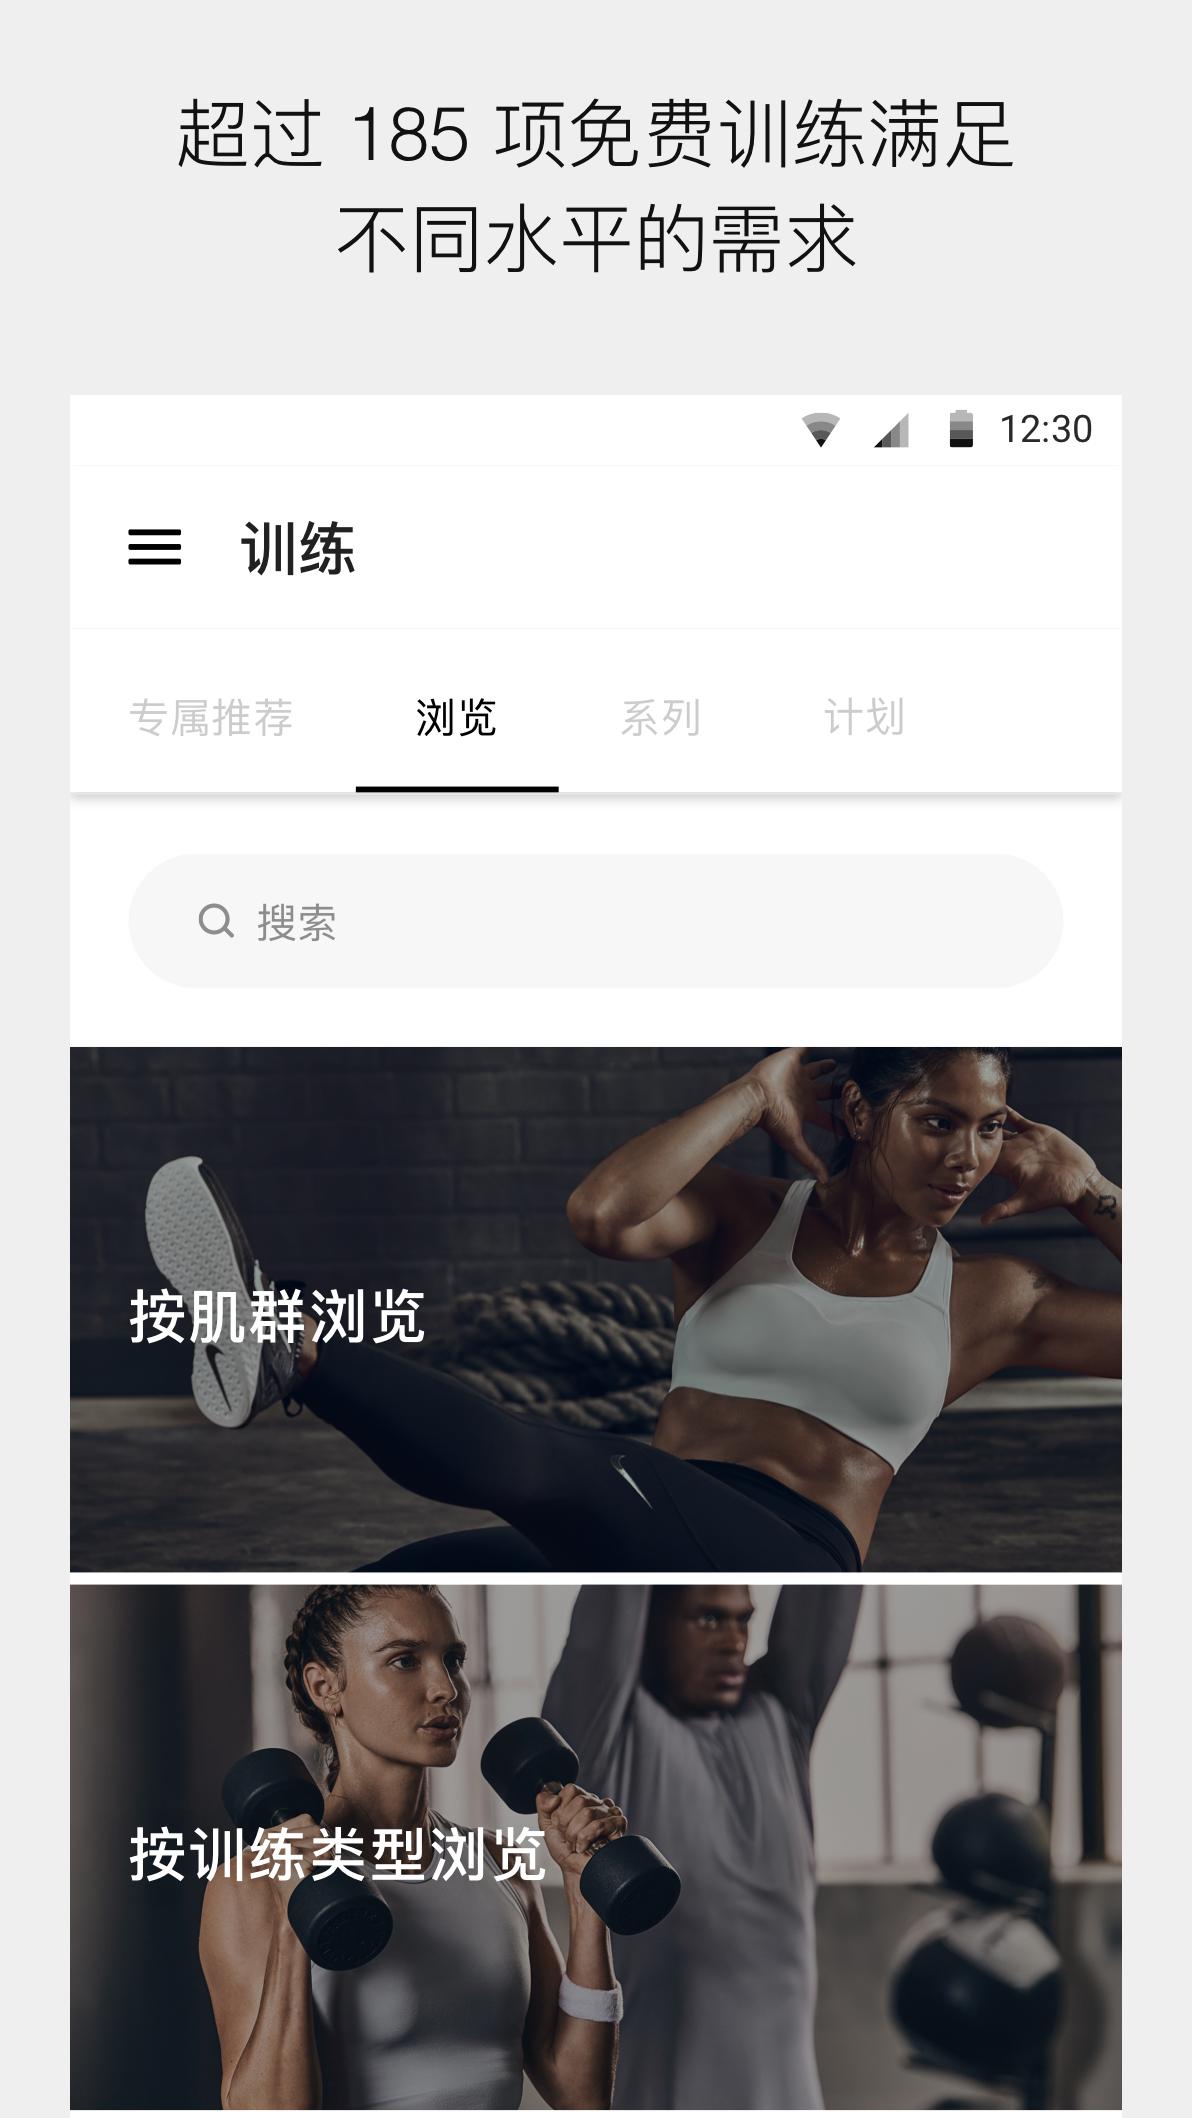 Nike Training V6.2.1 安卓版截图2